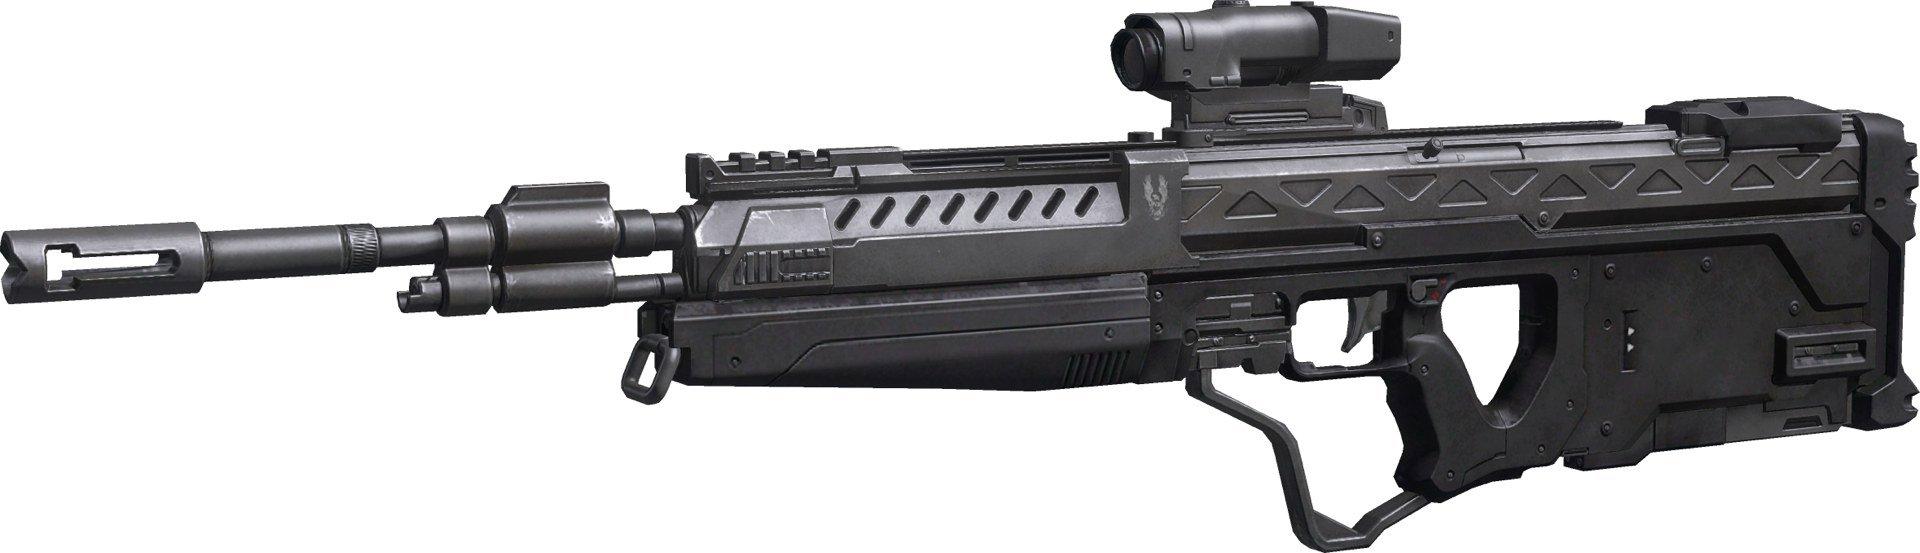 Halo4 360 Visuel 018